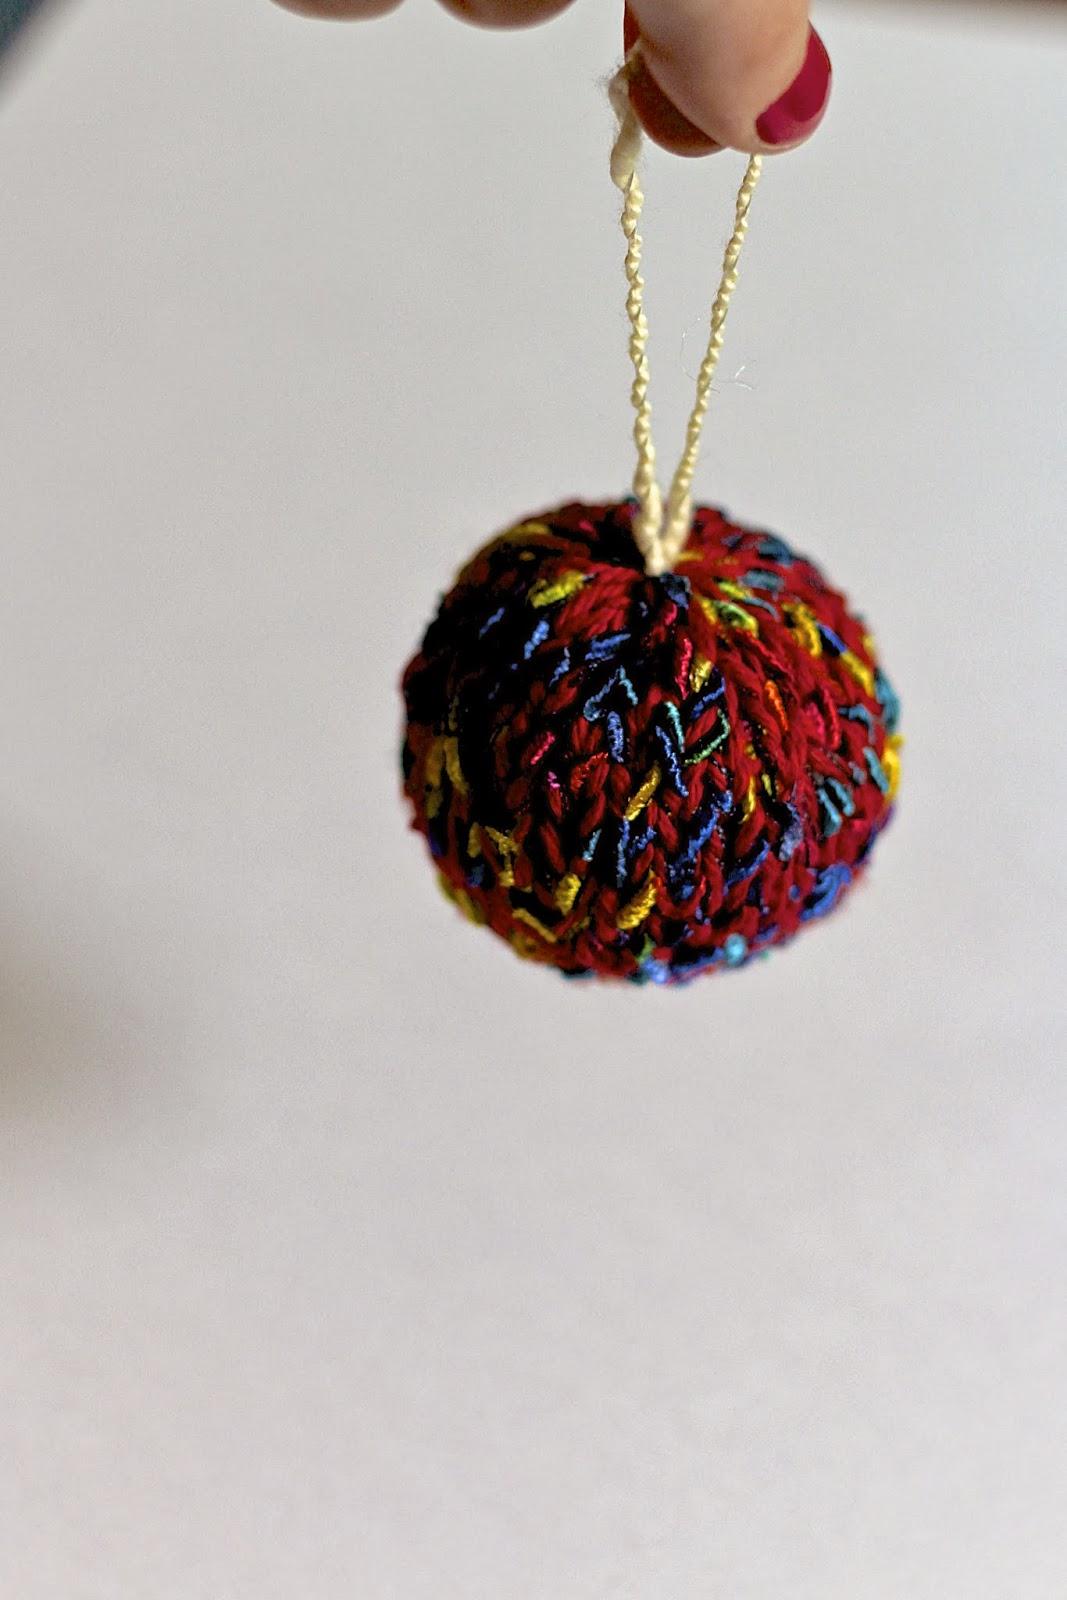 Knitting Pattern Ornament : Lexalex: Knit Ornament Pattern